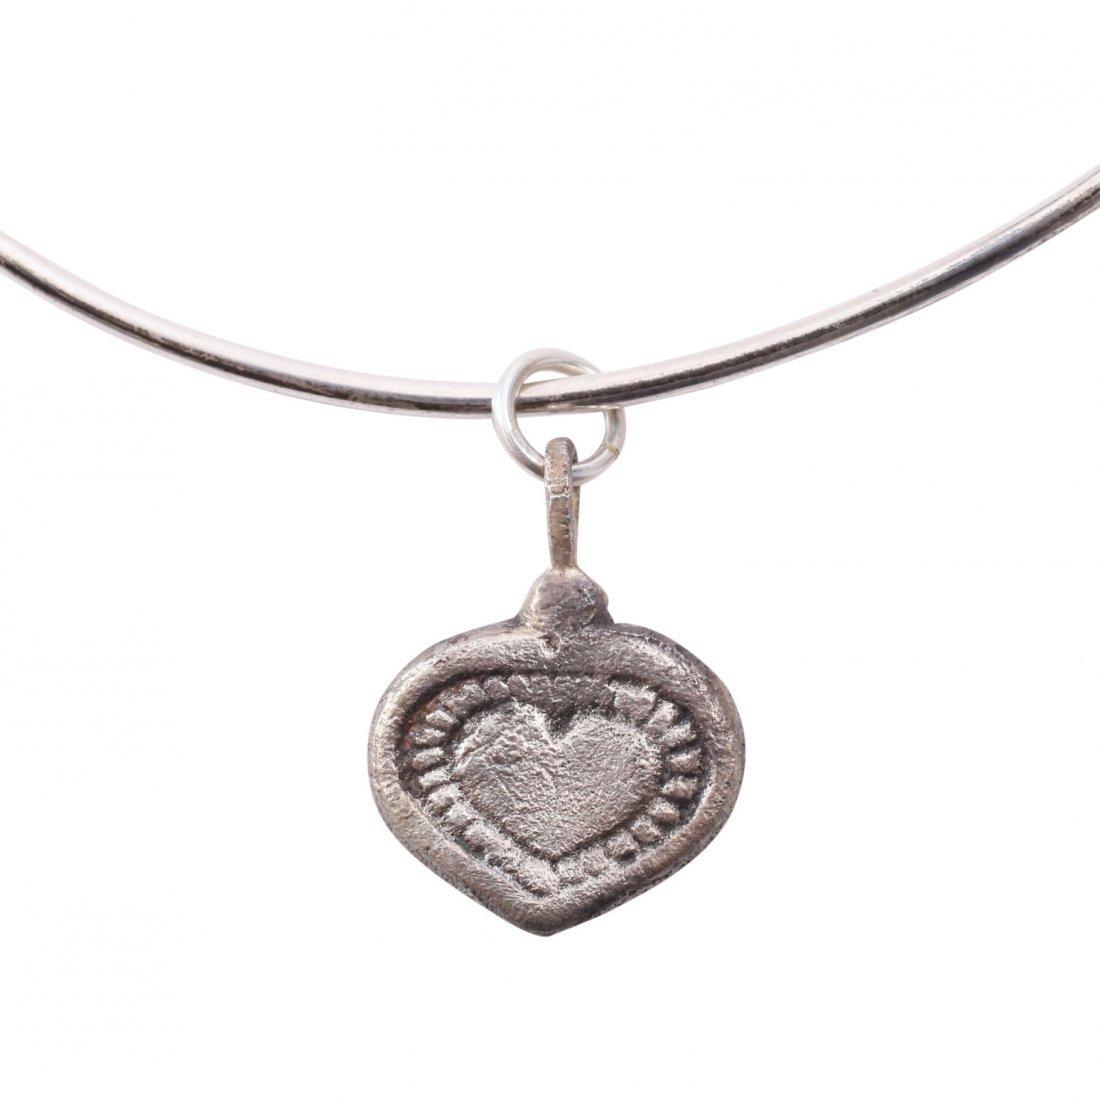 Viking Heart Pendant 10-11th C